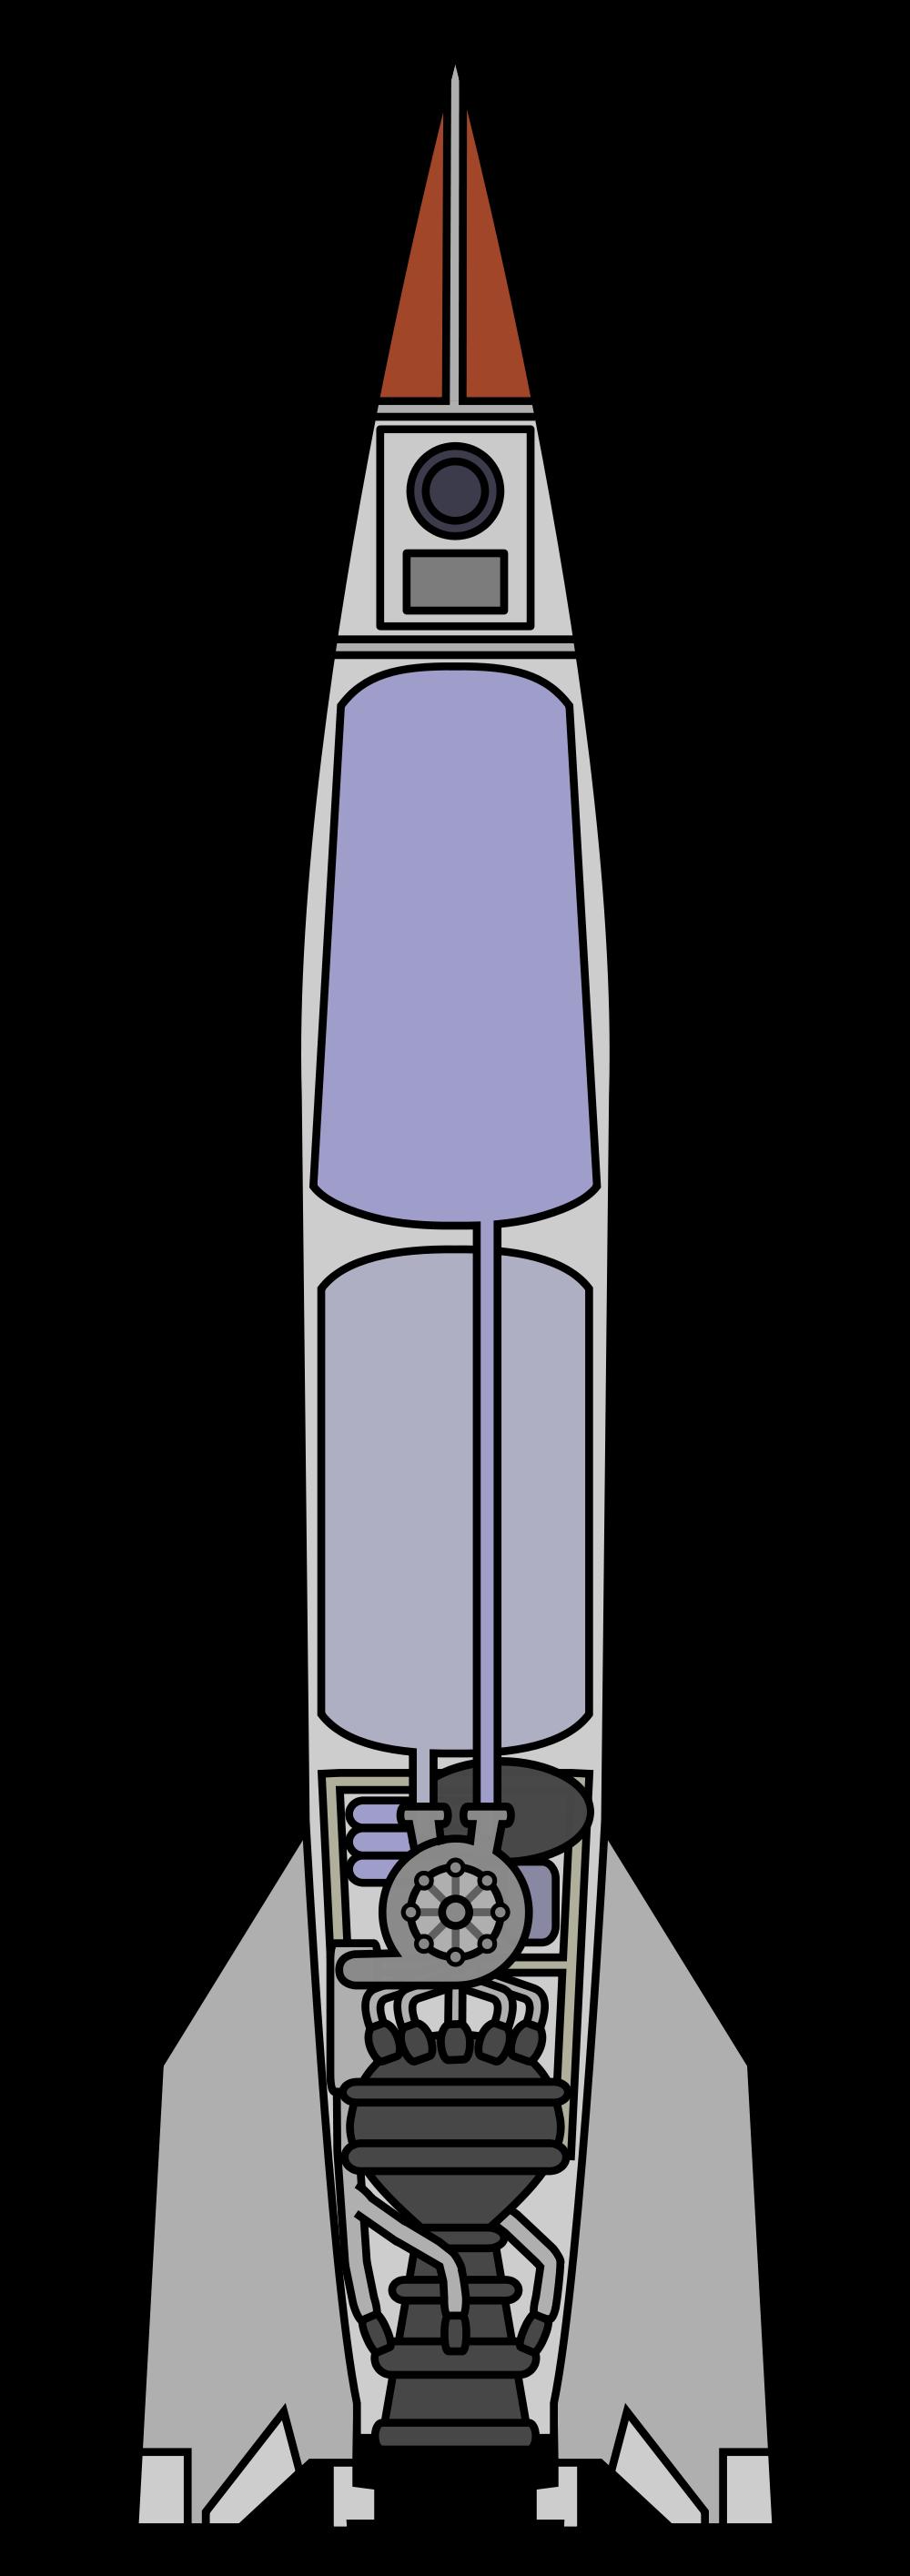 Clipart rocket rocket engine. File v diagram no